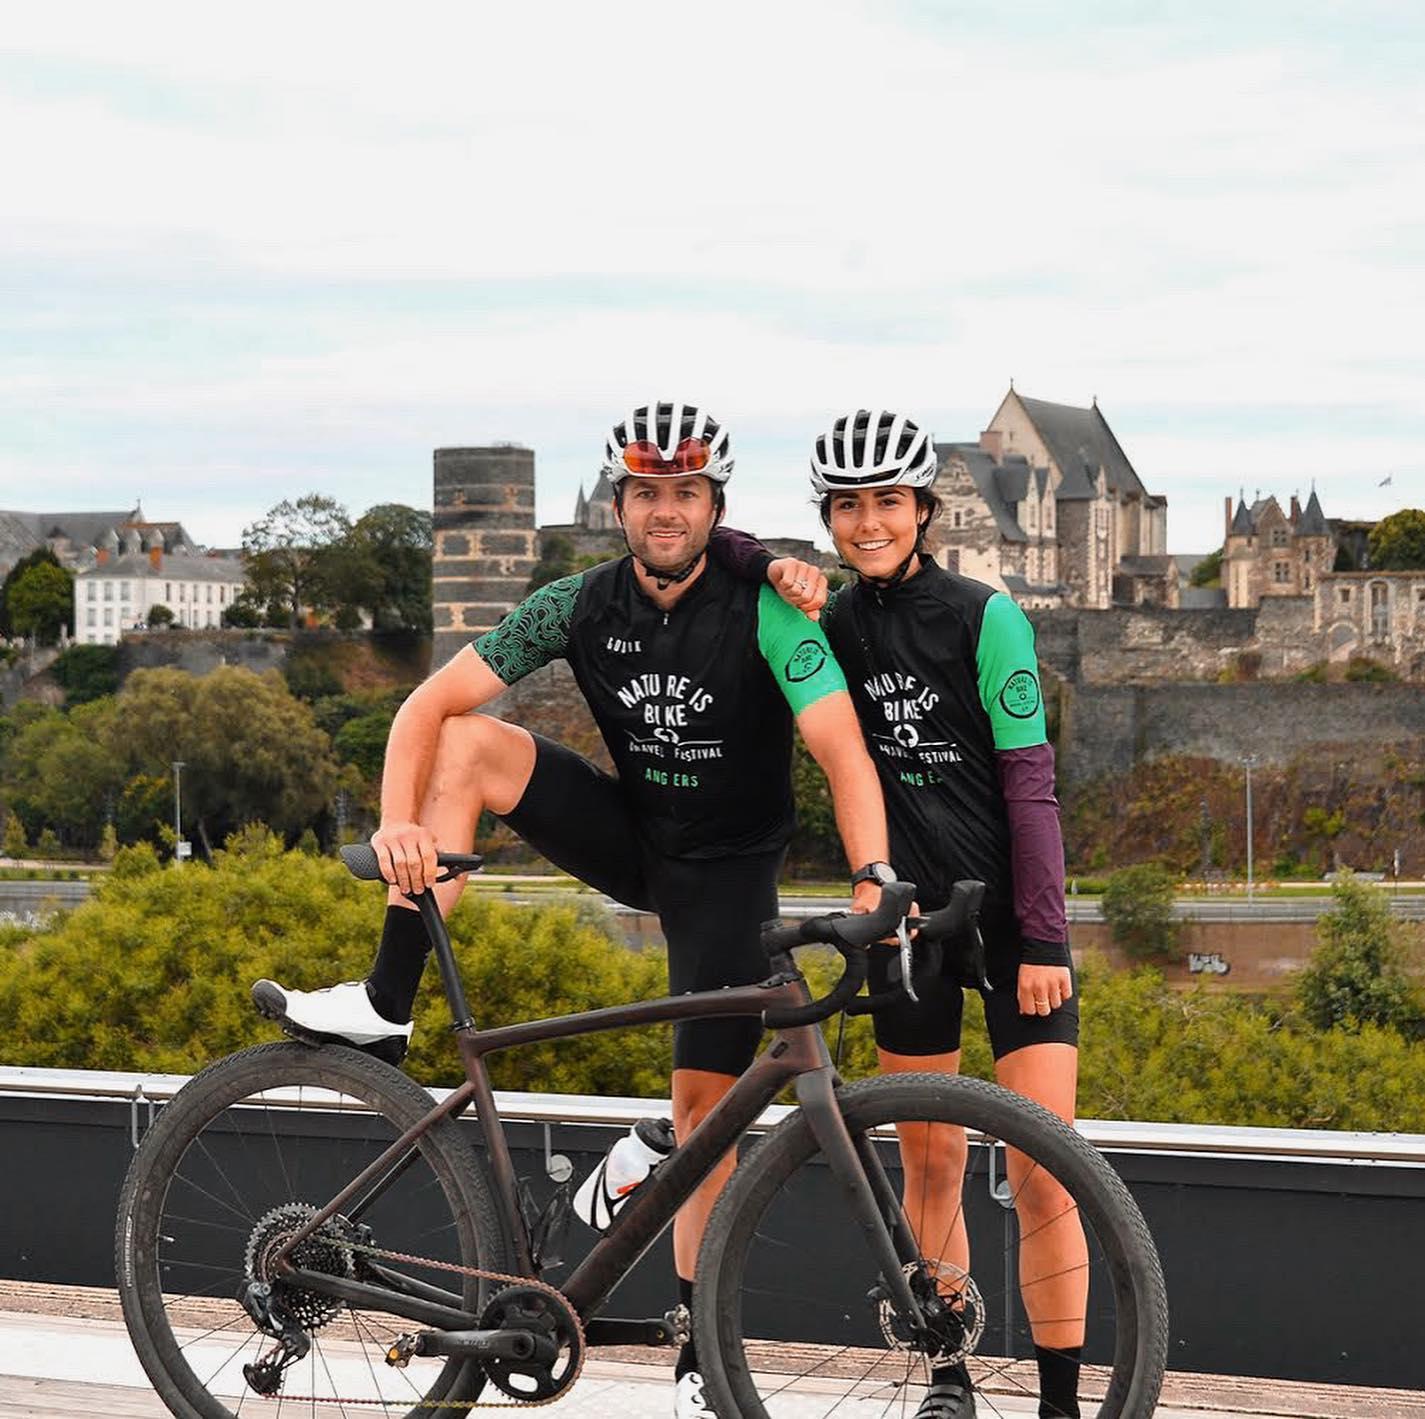 Avec Nature is Bike Angers devient le pionnier du Gravel en France, un événement qui ambitionne de pratiquer un loisir, un sport, dans un état d'esprit et un mode écoresponsable - DR : Nature is Bike